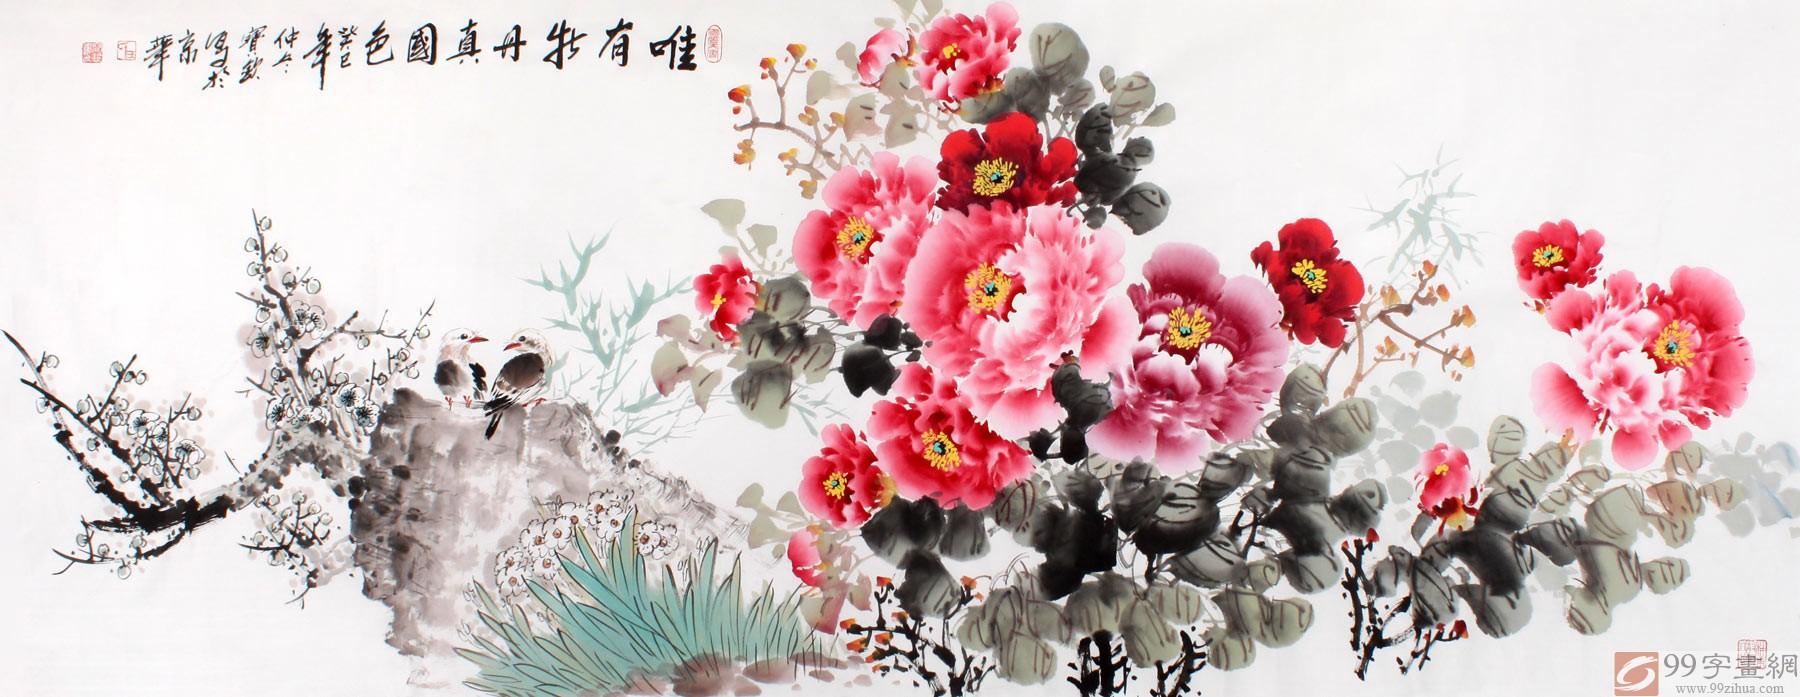 宝钦小六尺精品国画牡丹画 唯有牡丹真国色 牡丹画